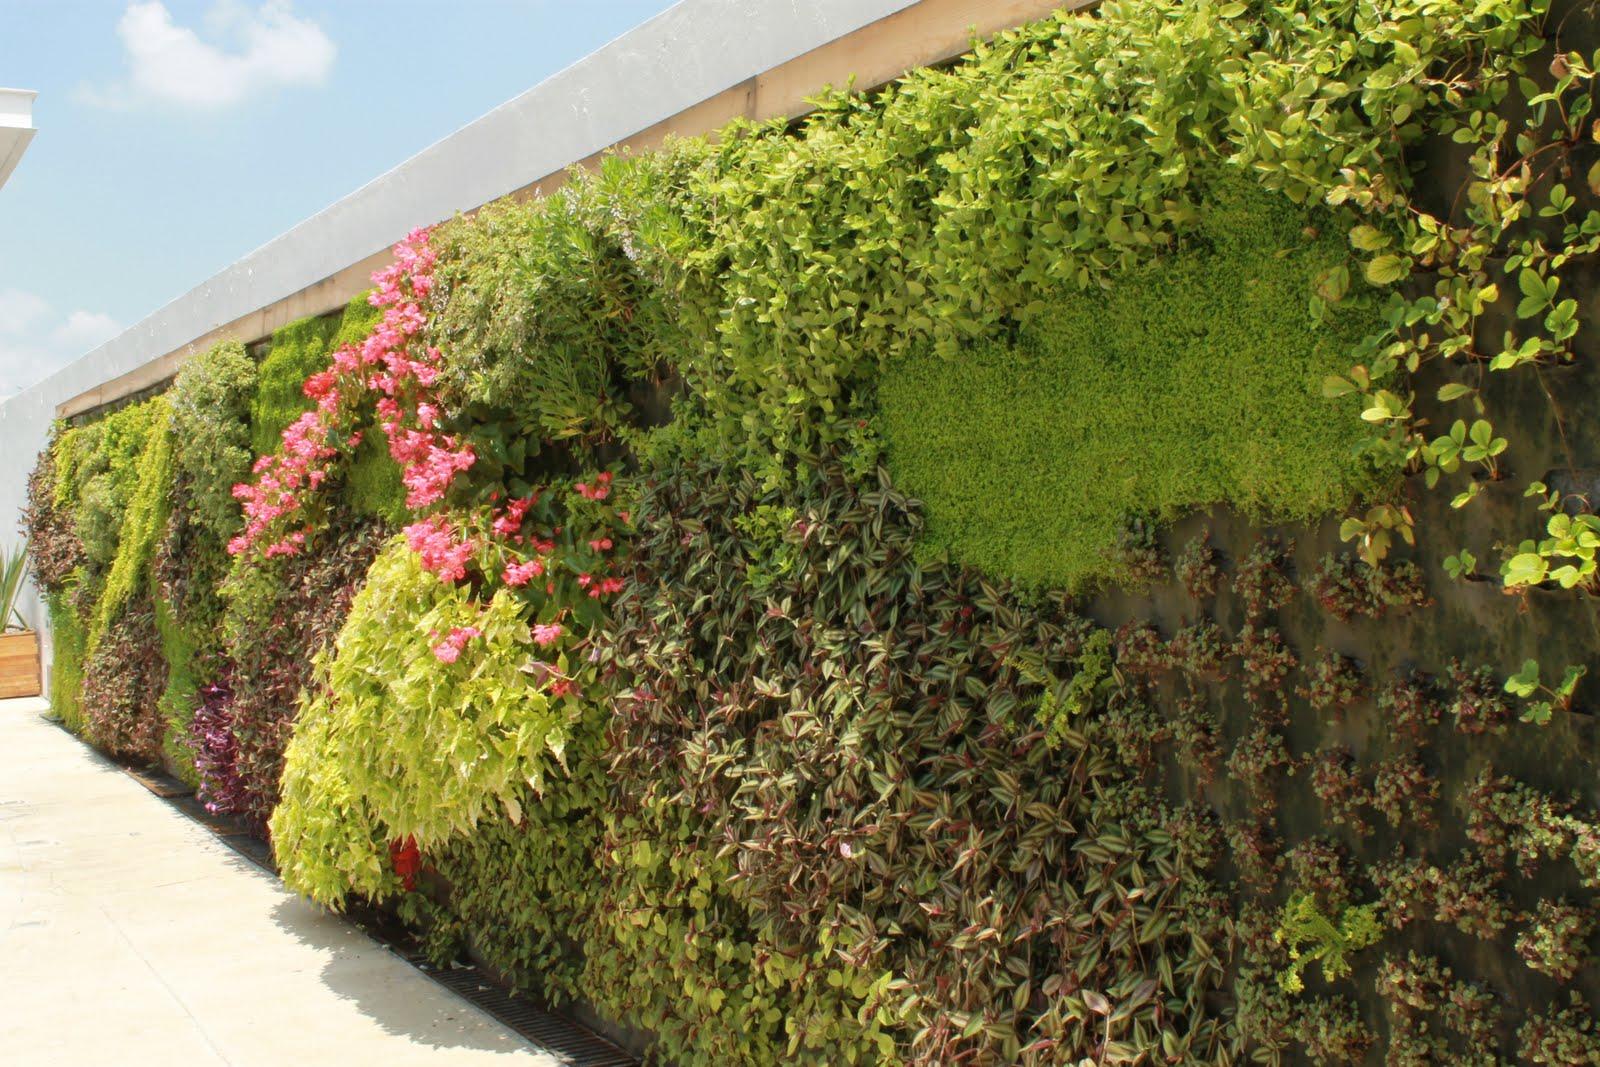 Jardines verticales yves muro verde en andares for Muros verdes verticales